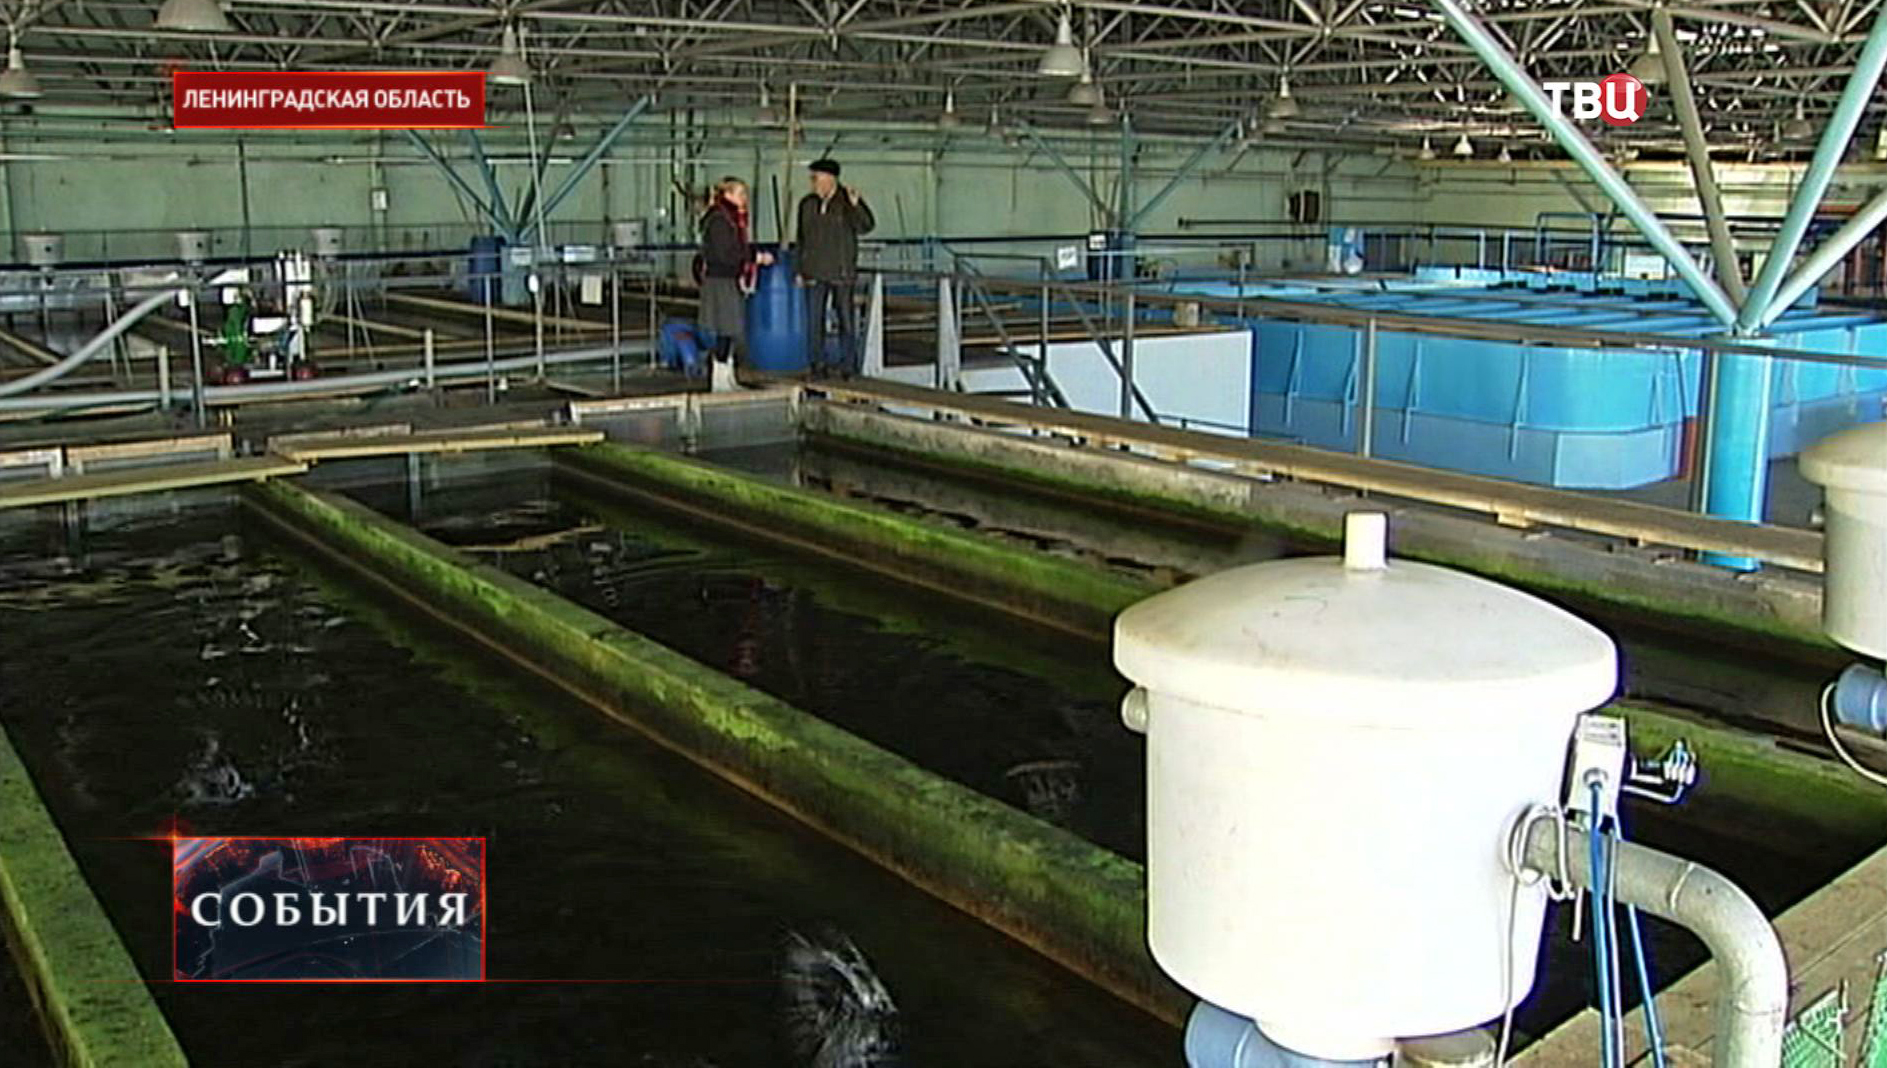 Бассейн с рыбой в Ленинградской области